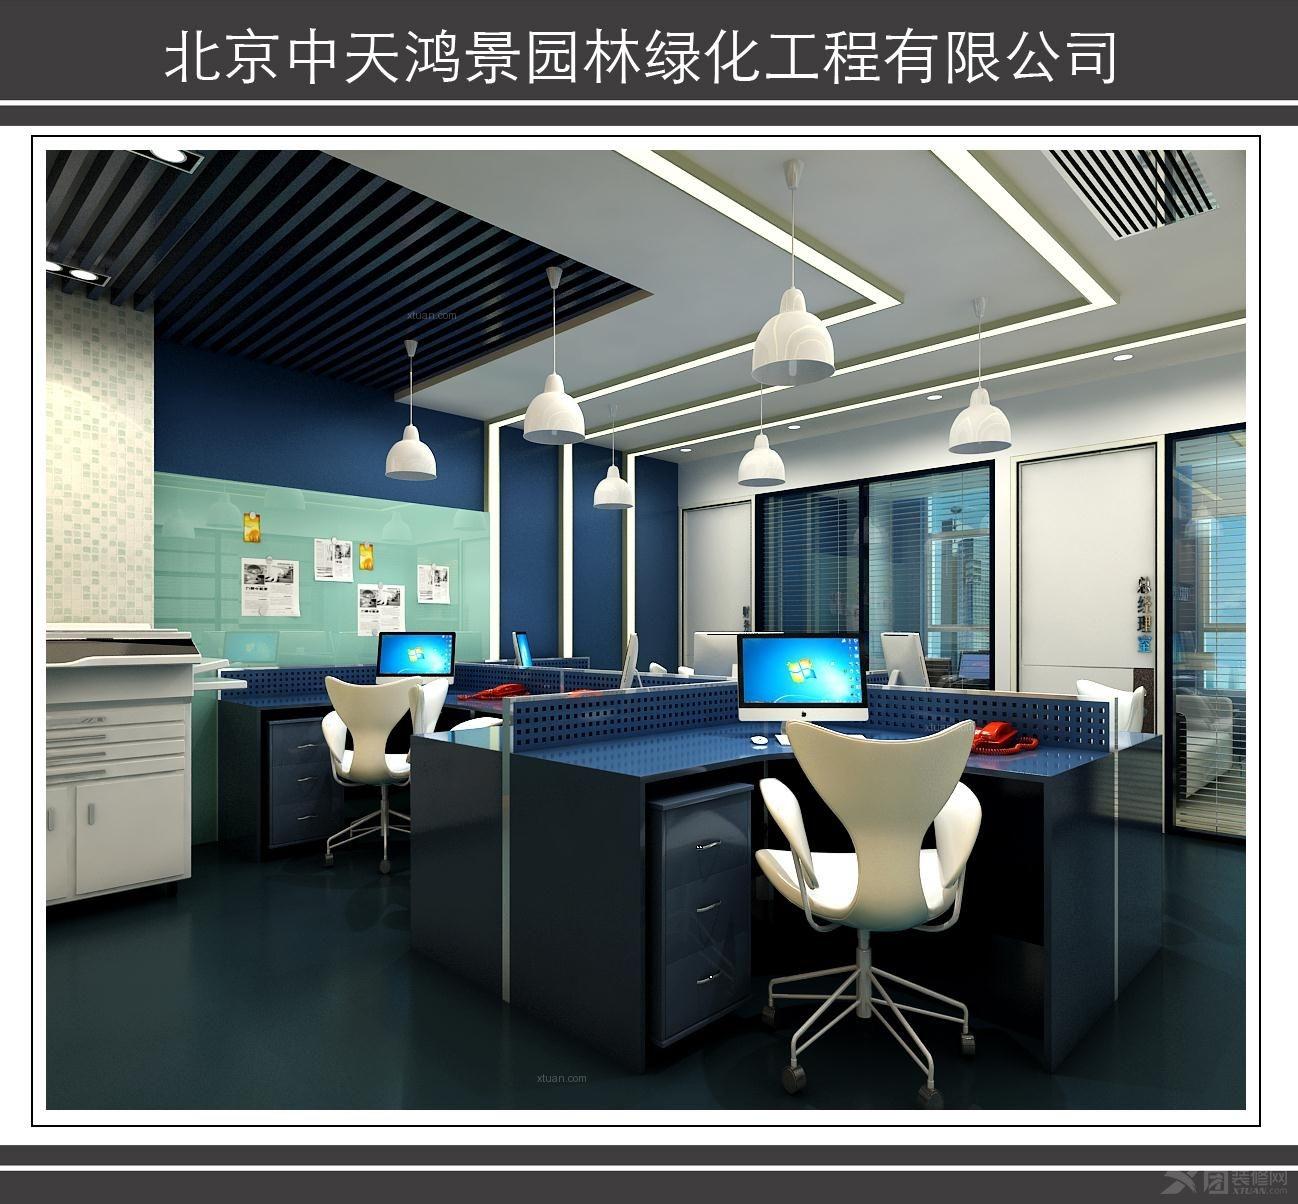 办公室装修额设计办公室装修额设计